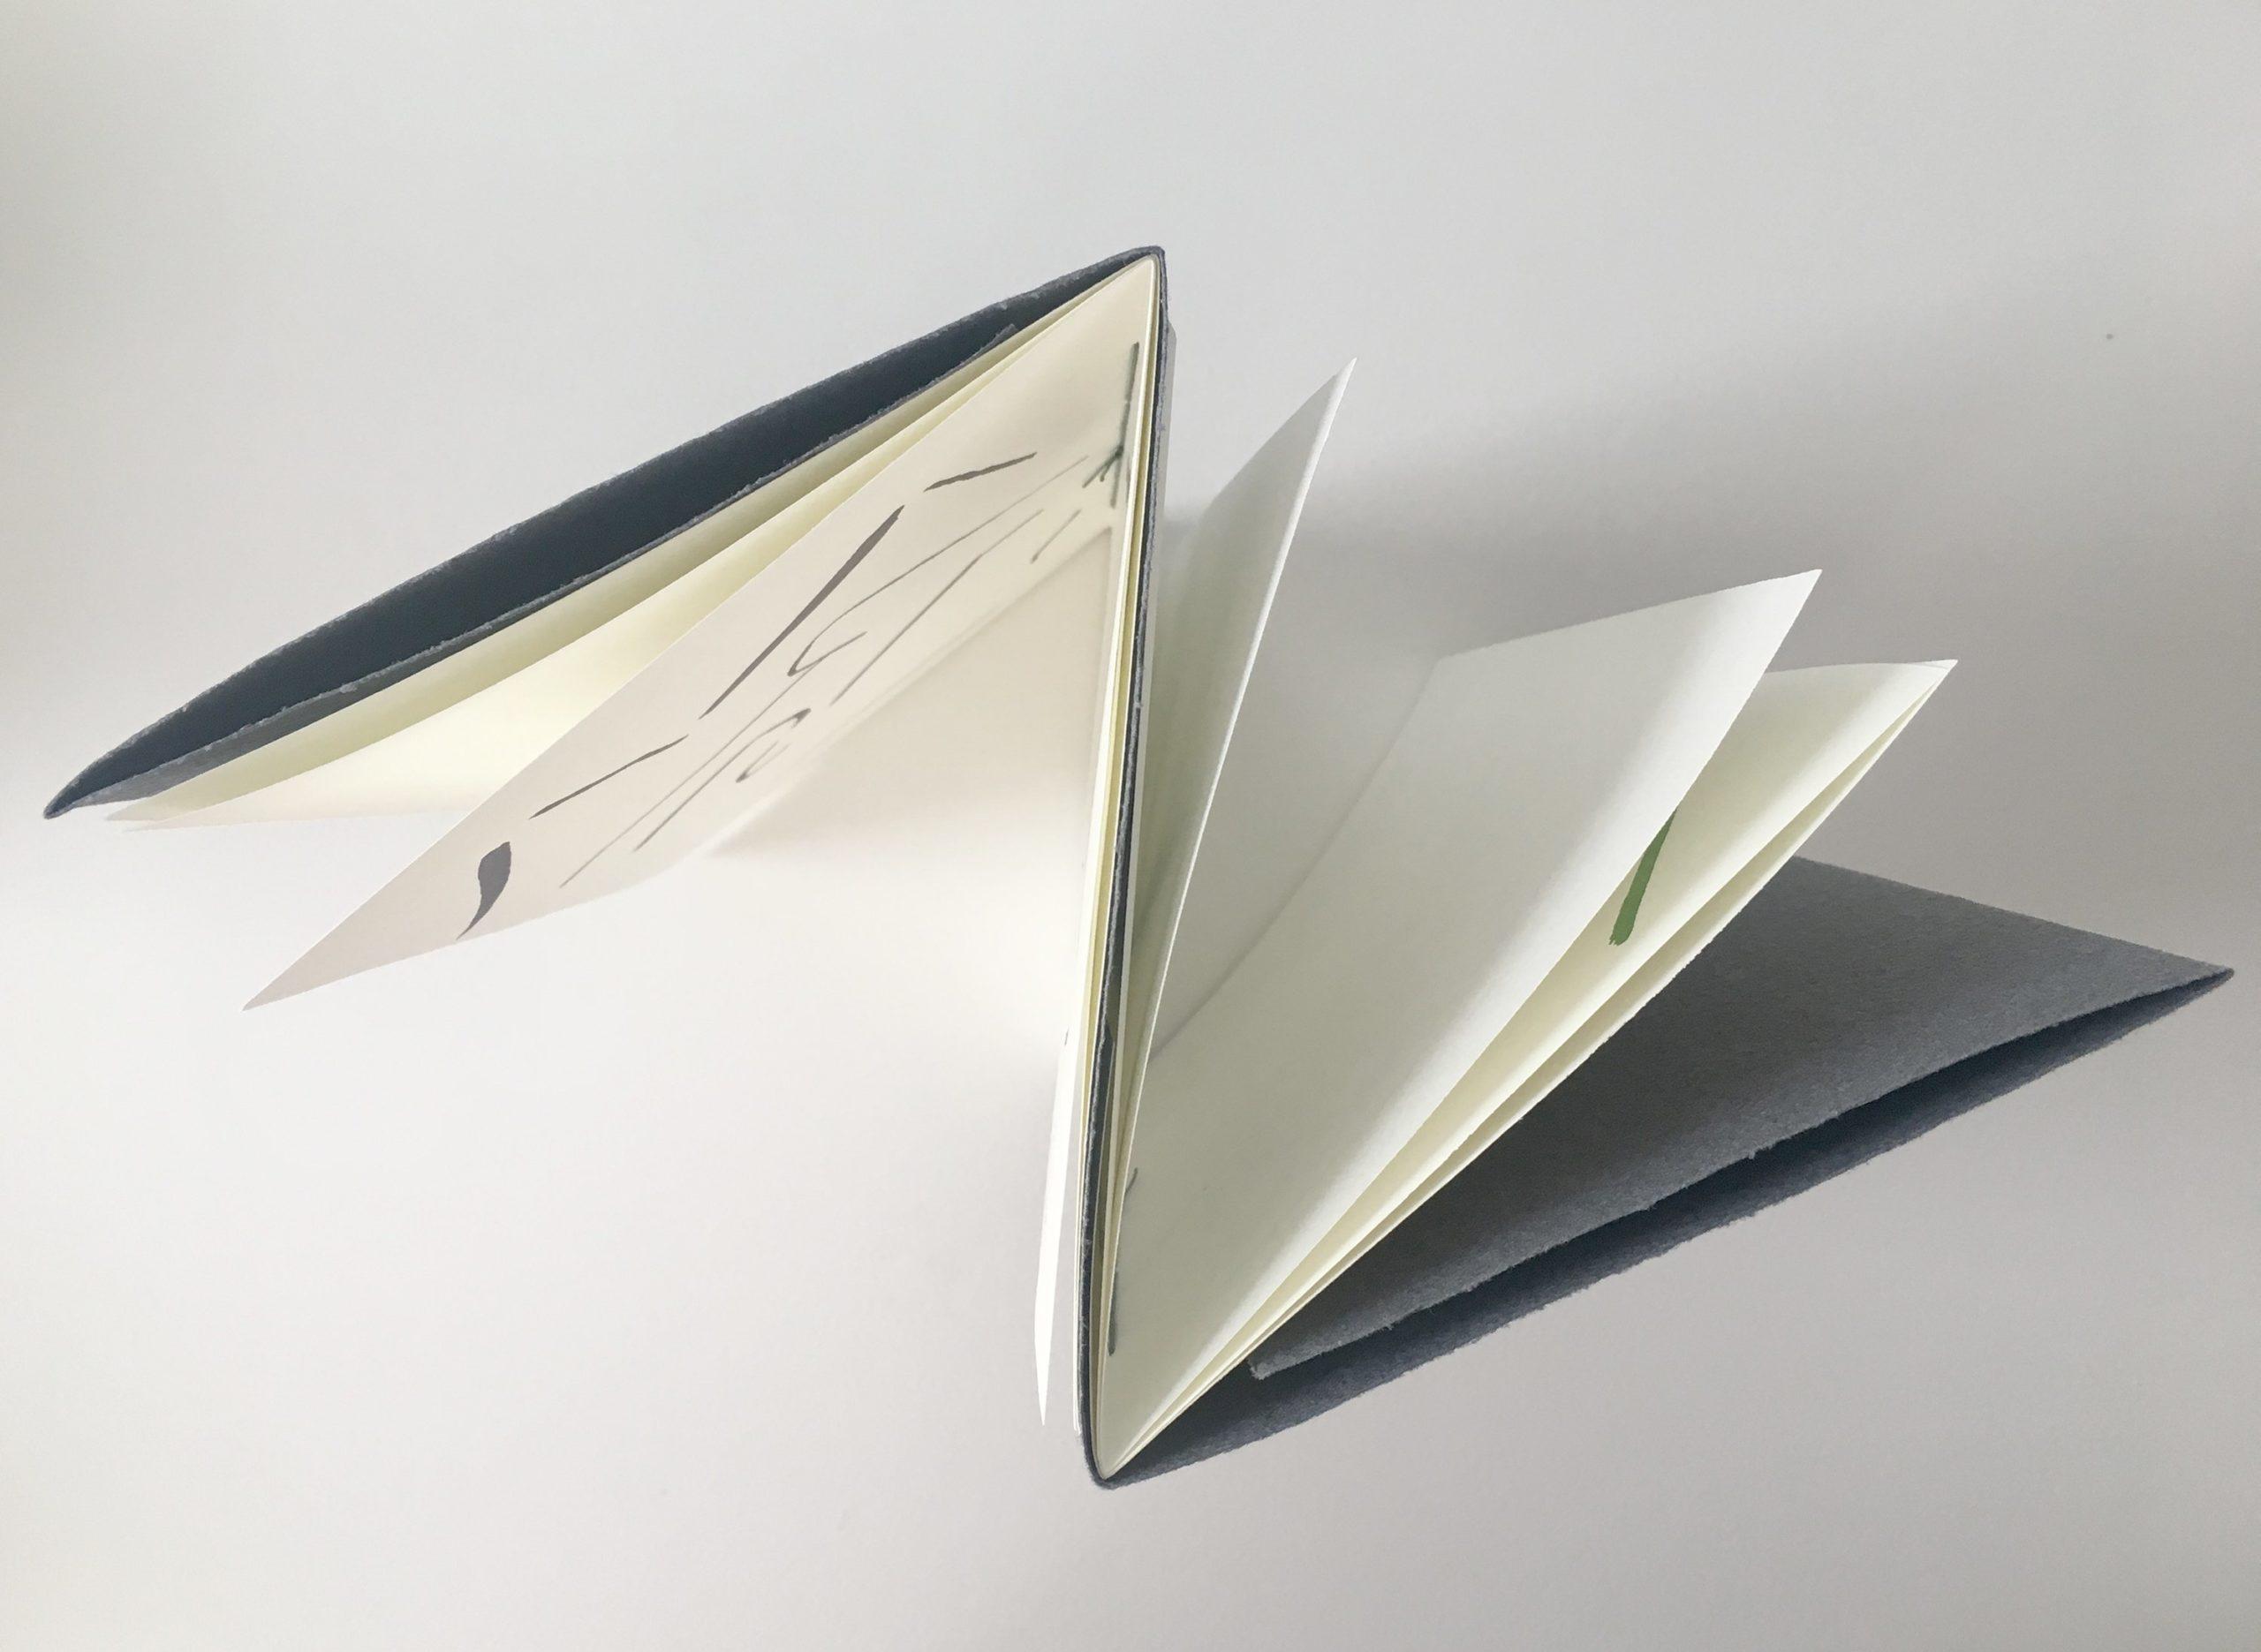 birsds eye view of book showing do-i-do binding